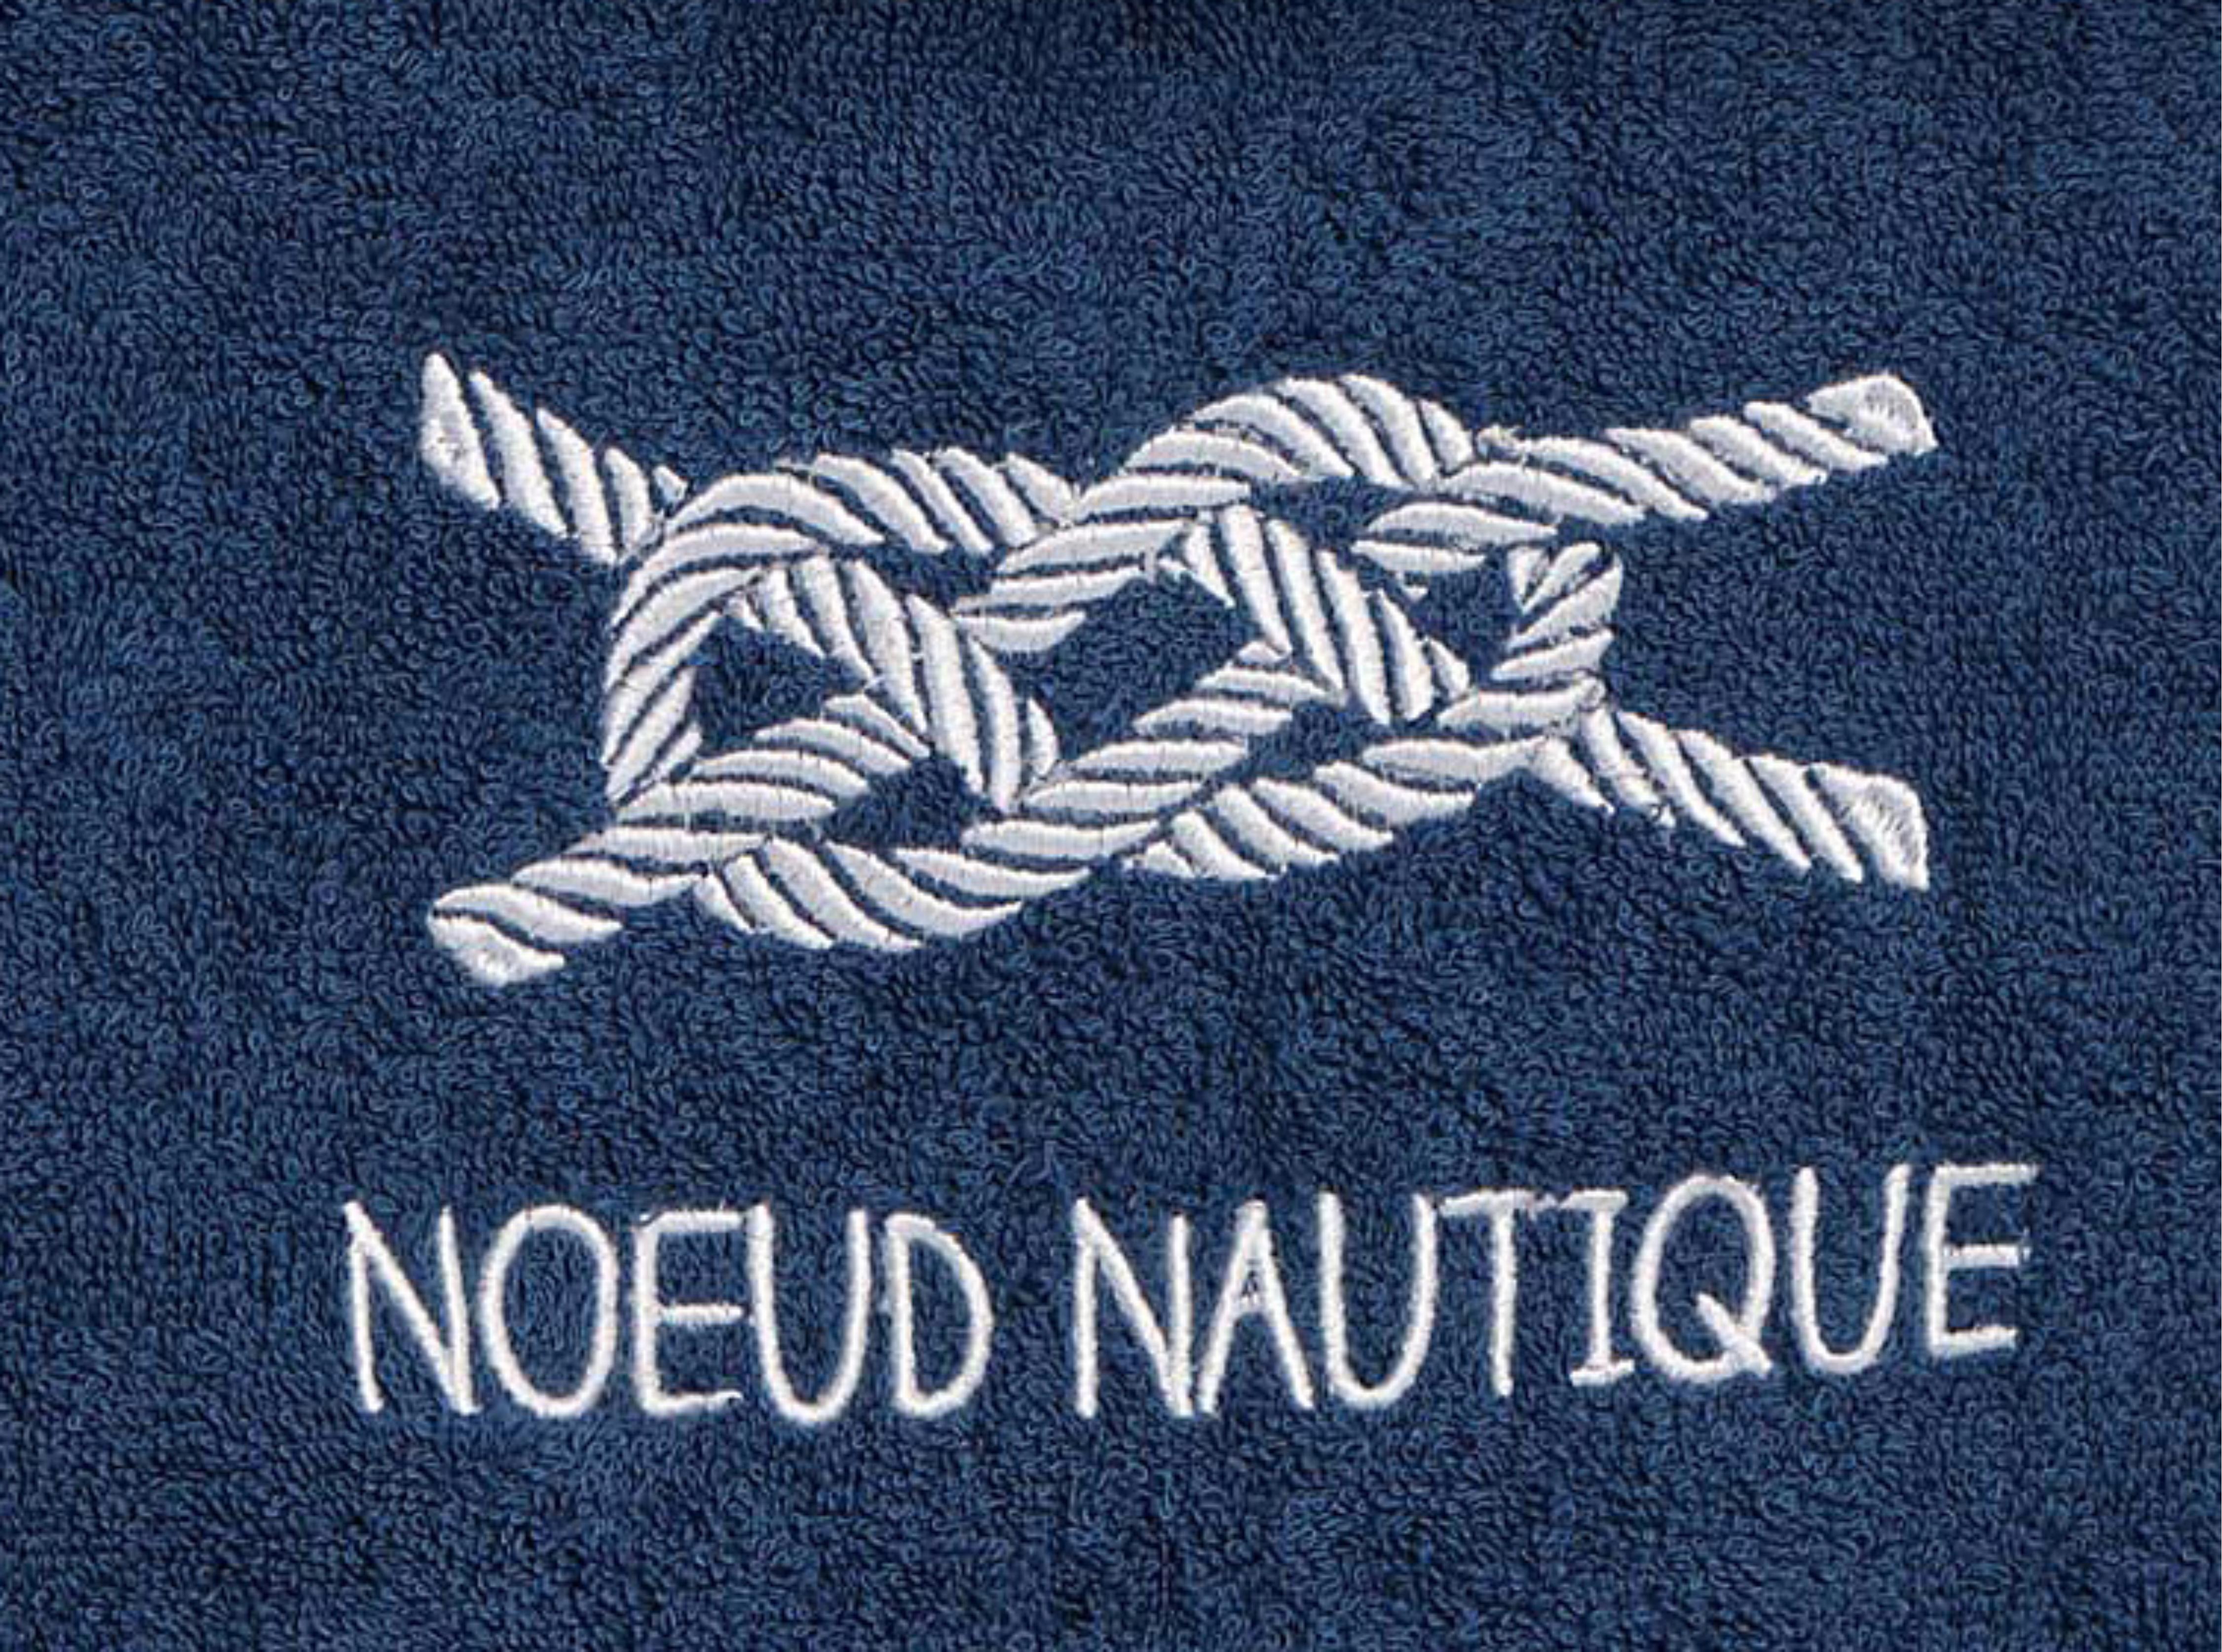 Borduren Op Badstof.Handdoek Borduren Met Logo Of Het Logo Bedrukt Op De Handdoek